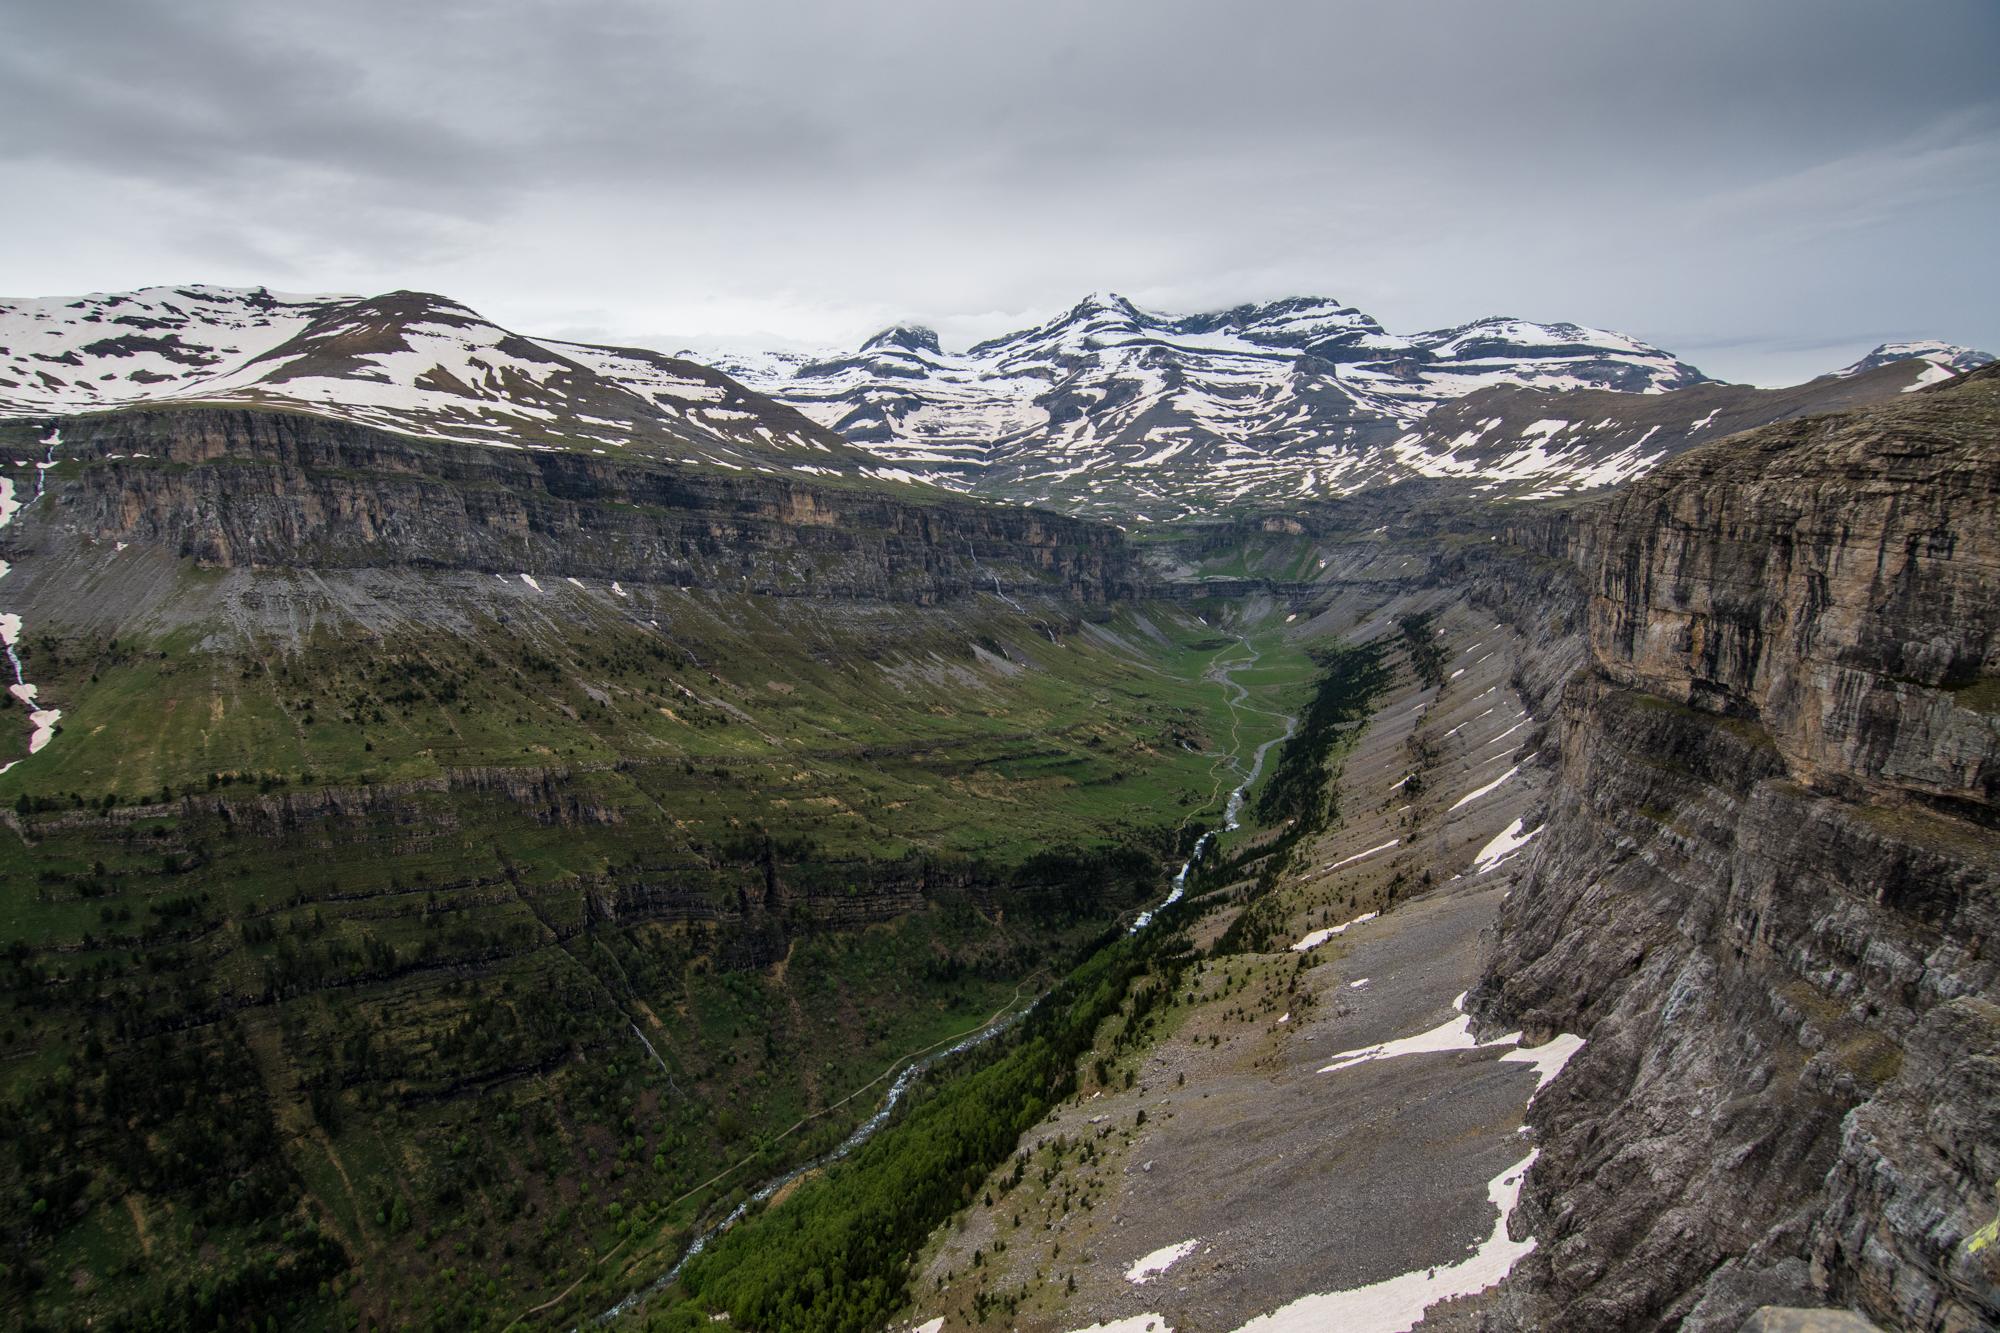 Vista del Valle de Ordesa desde los miradores con el Monte Perdido al fondo.